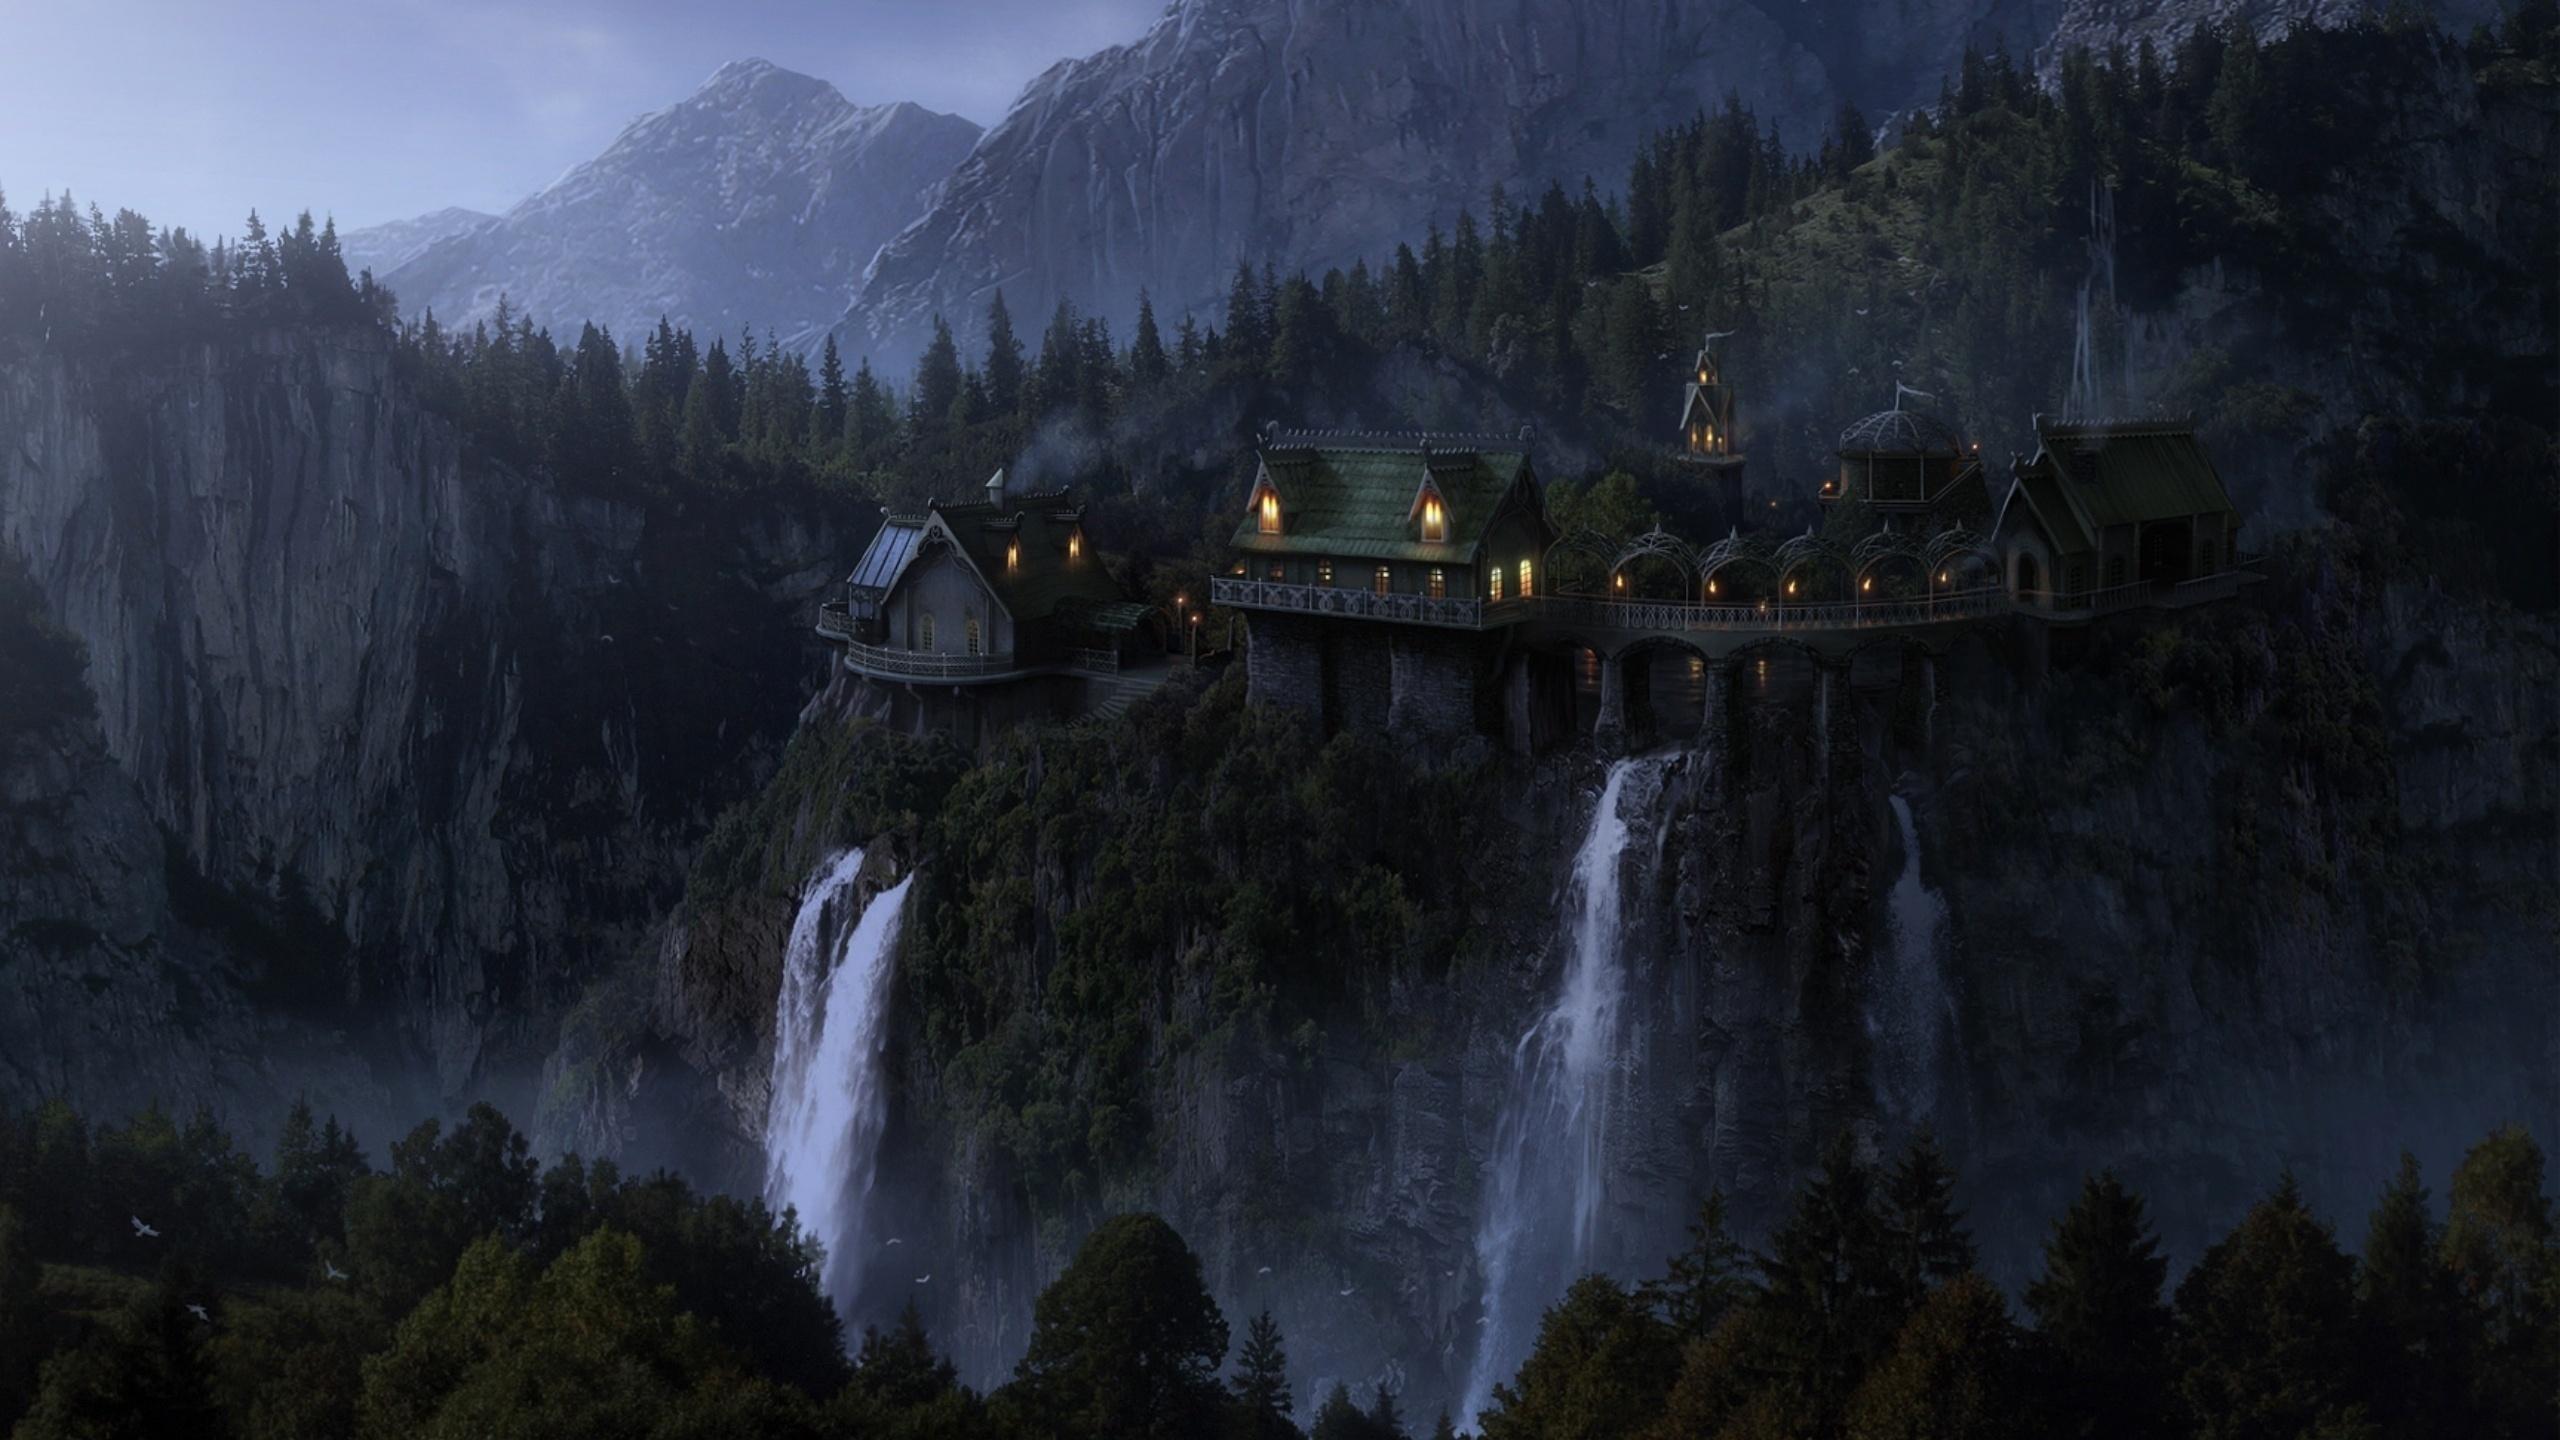 властелин колец, ривенделл, имладрис, фэнтези, эльфийский замок, замок элронда, огни, водопады